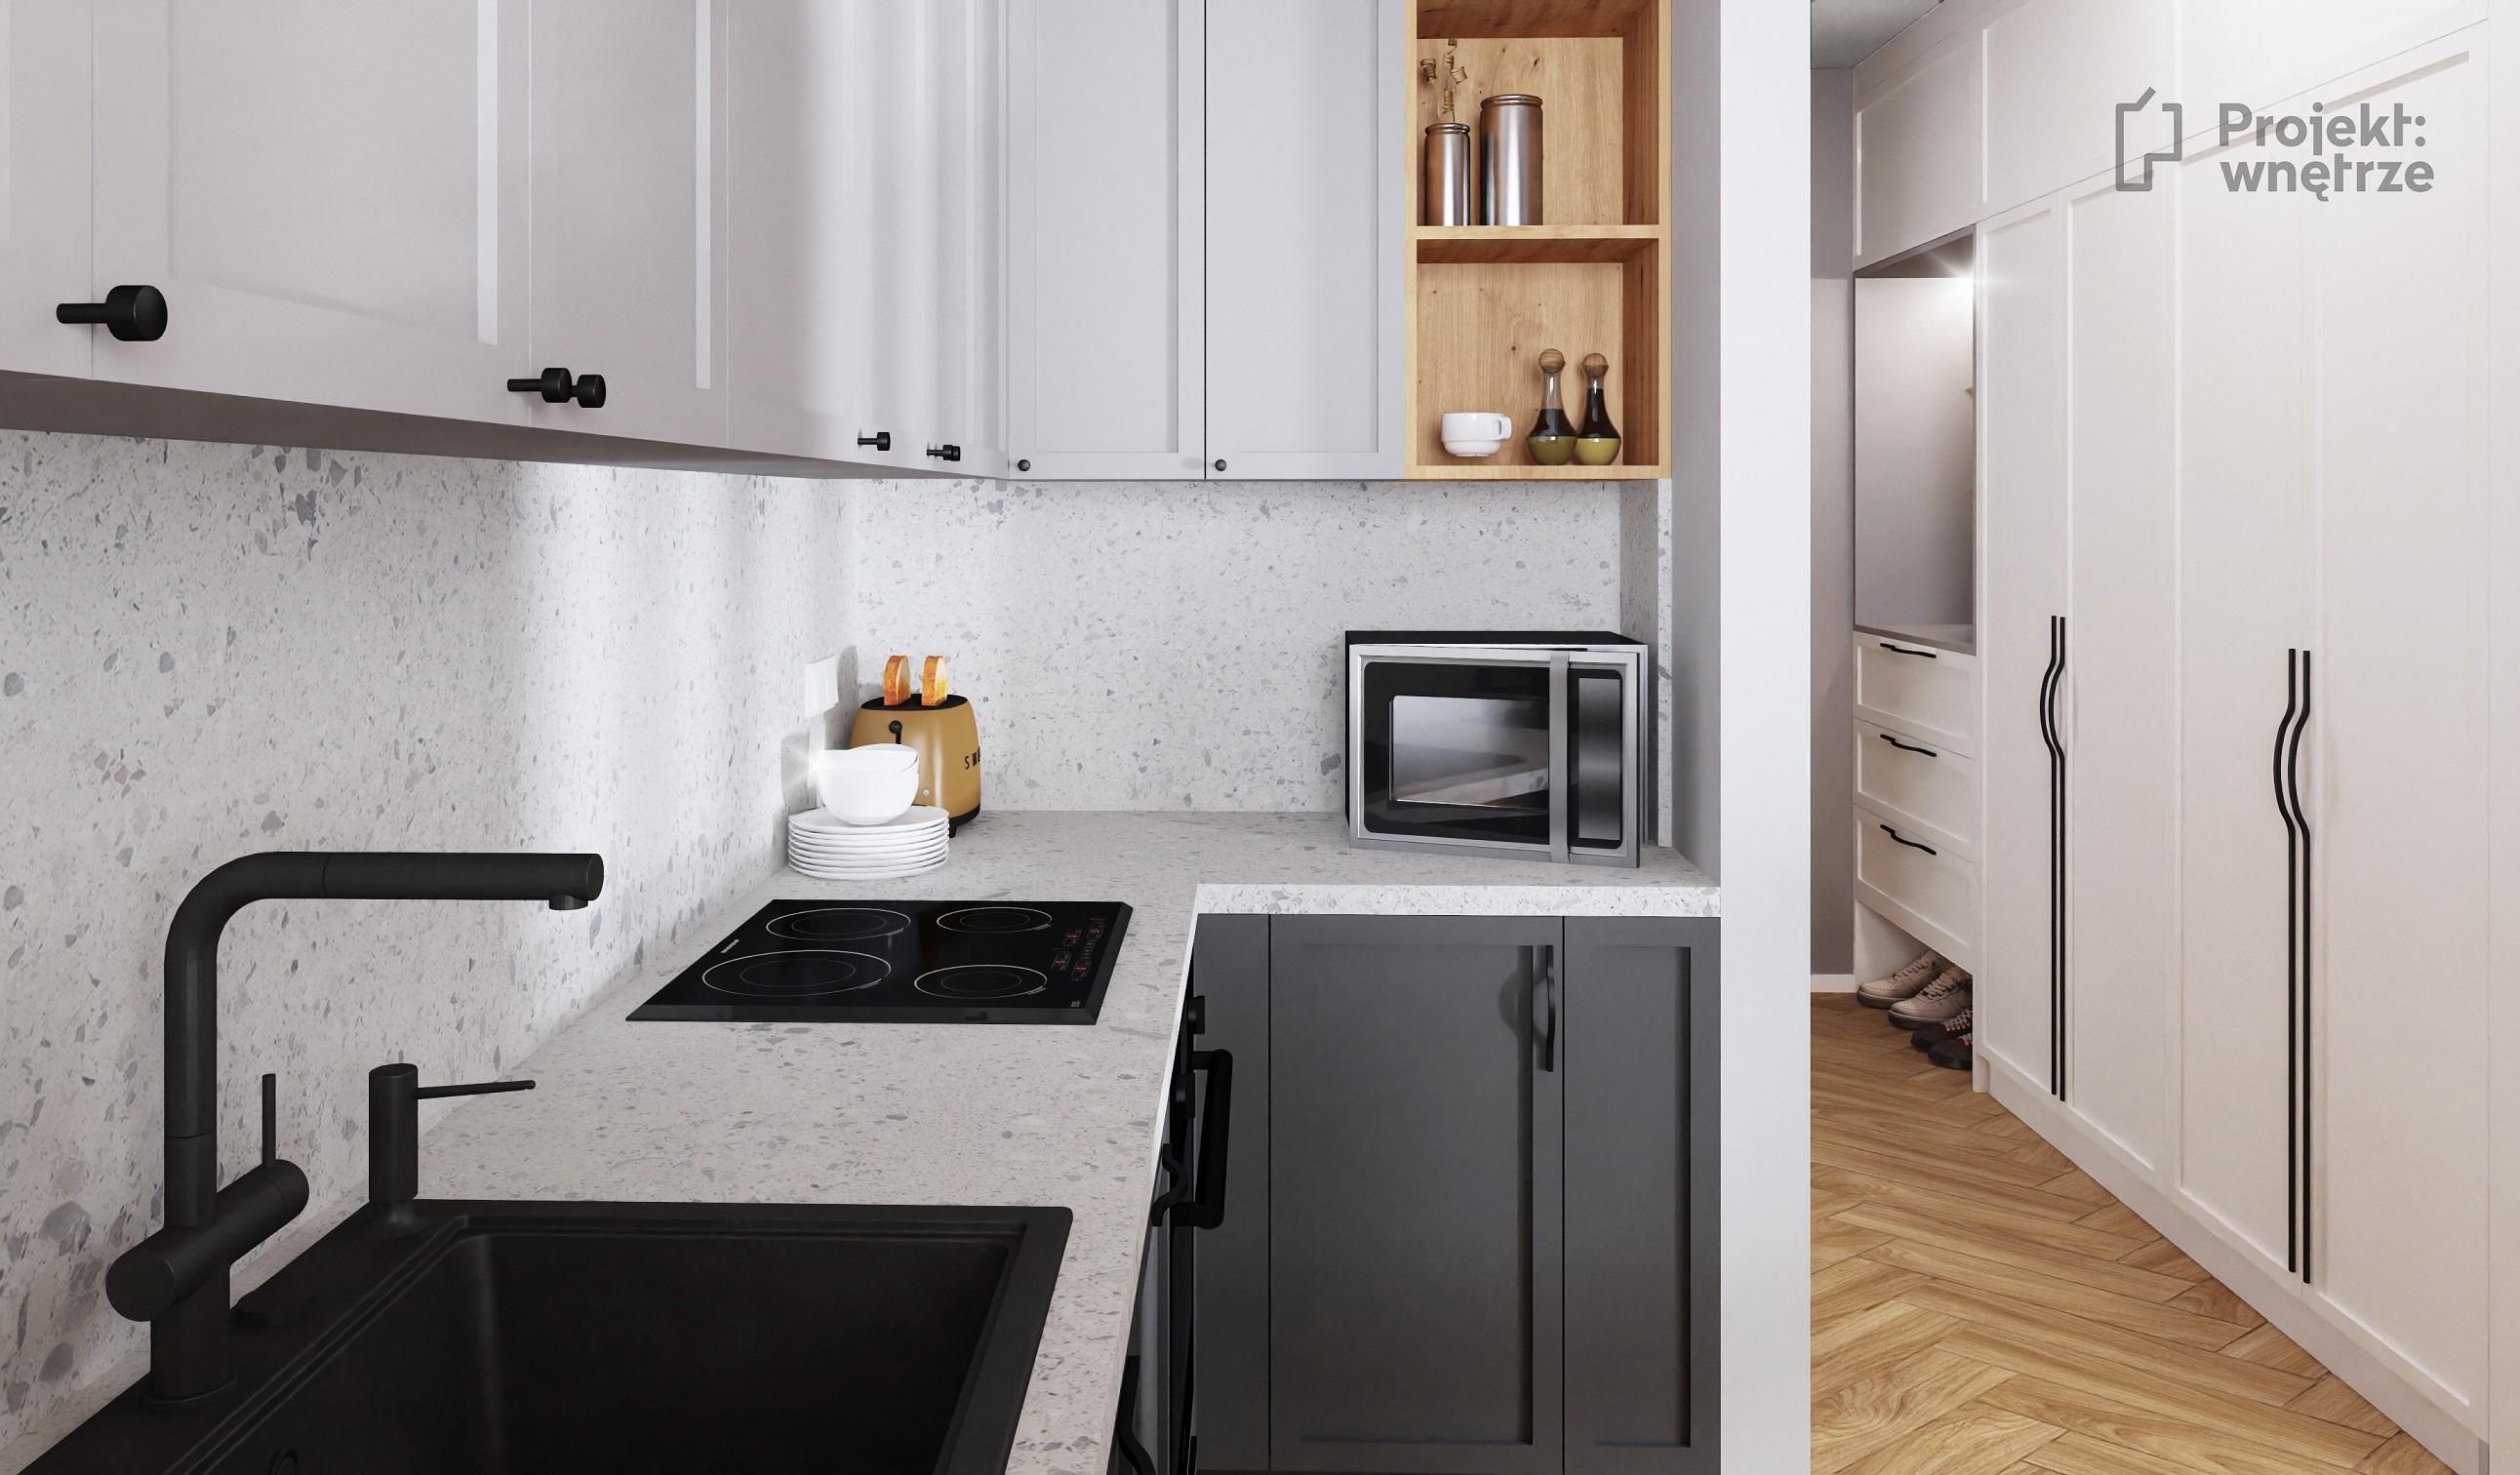 Projekt wnętrze mieszkanie w stylu loft aneks kuchenny szarość cegła lastryko terazzo panele winylowe jodełka - projektowanie wnętrz Warszawa onlina (2)